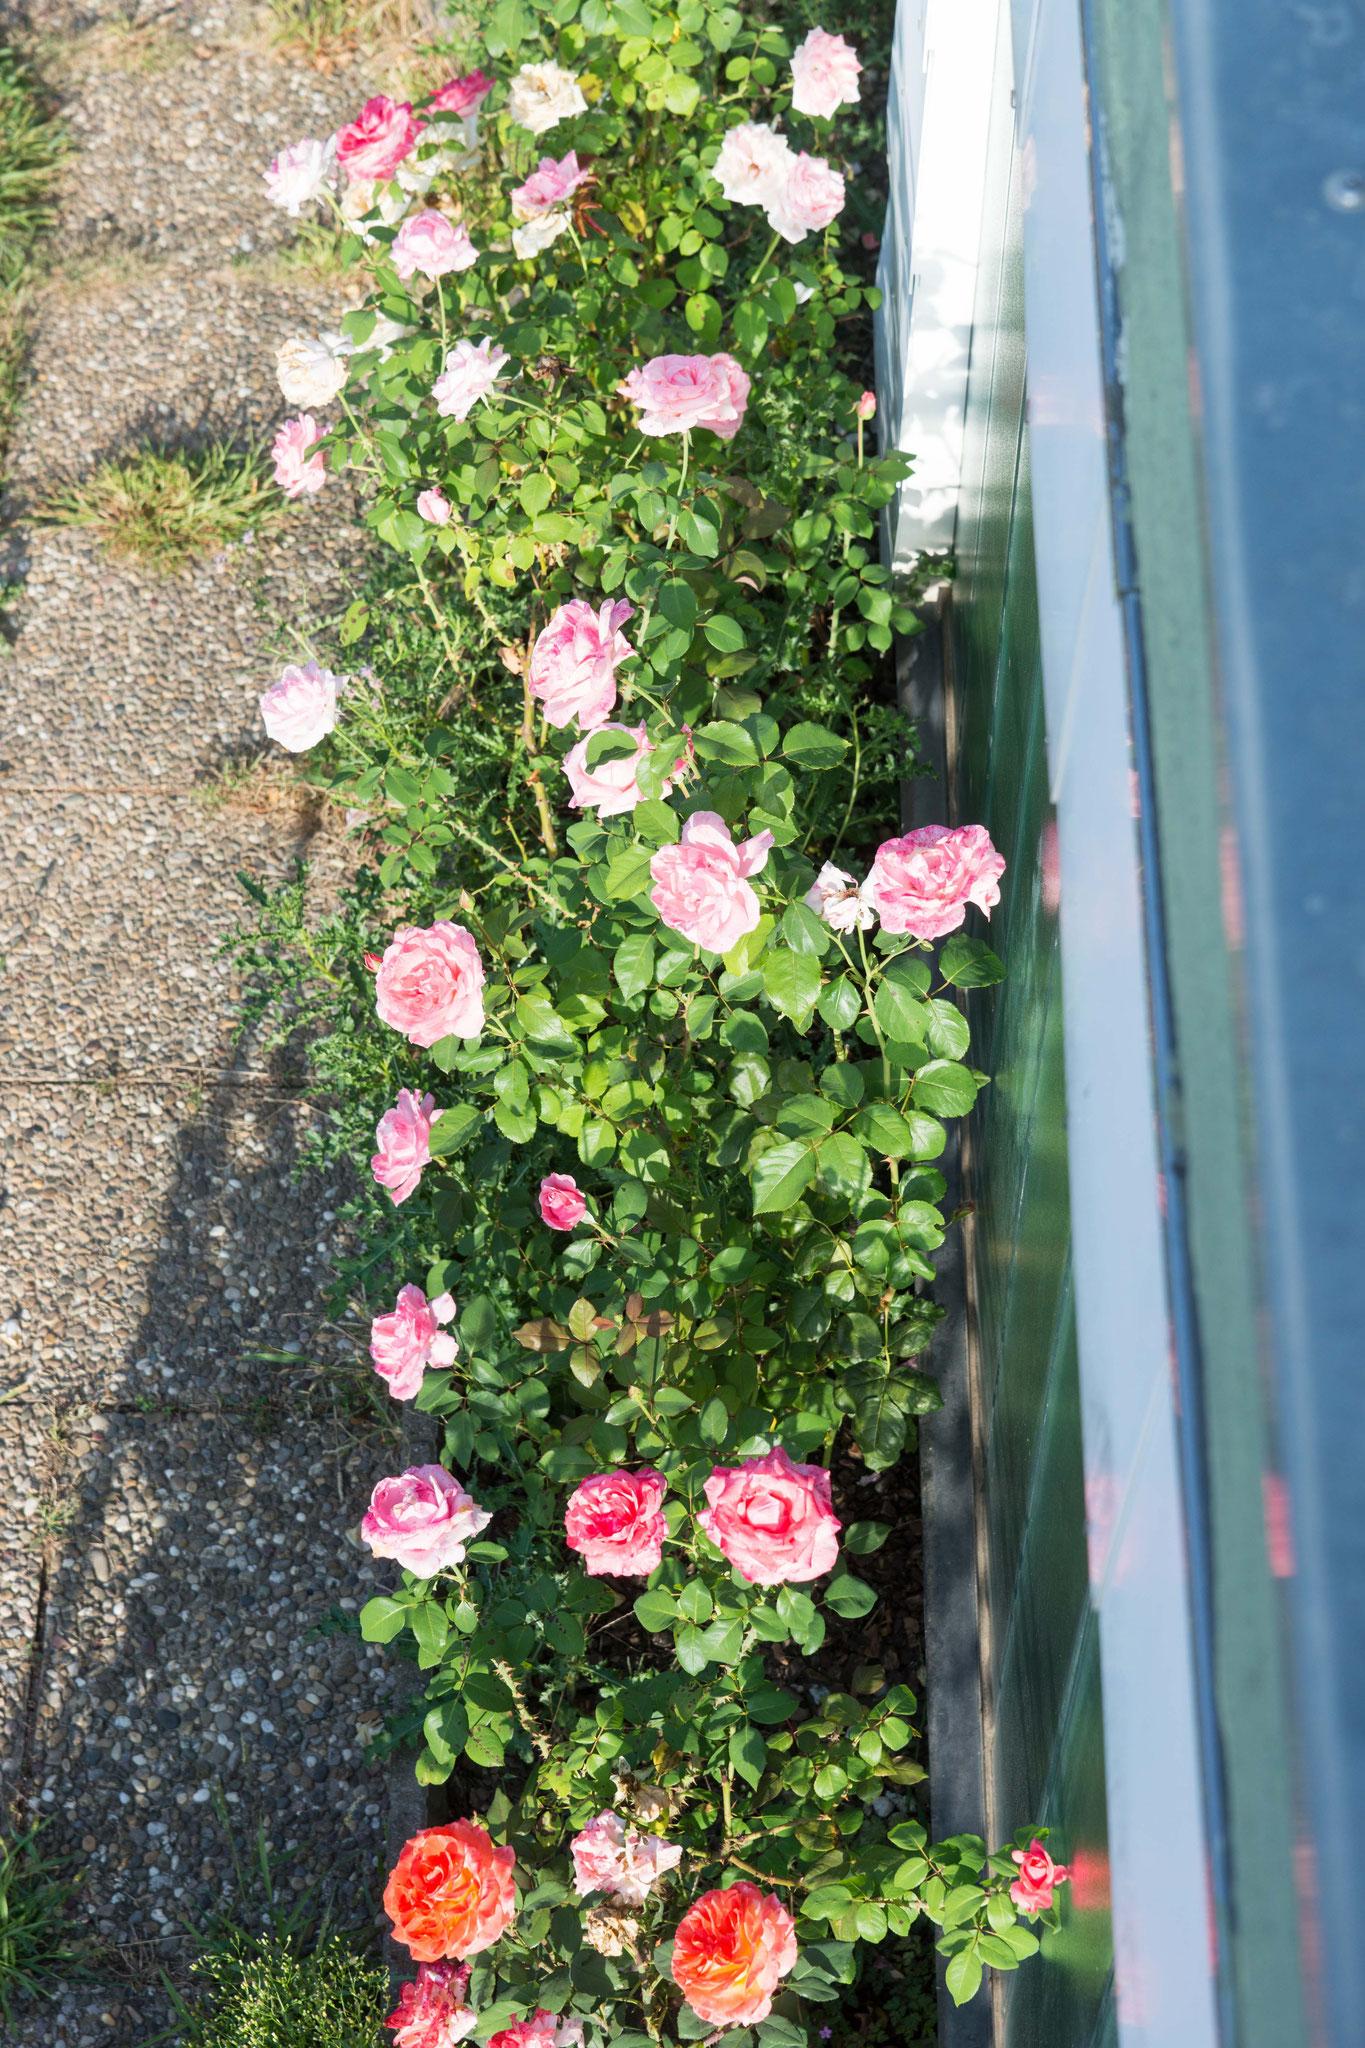 und die Rosen. ;-)